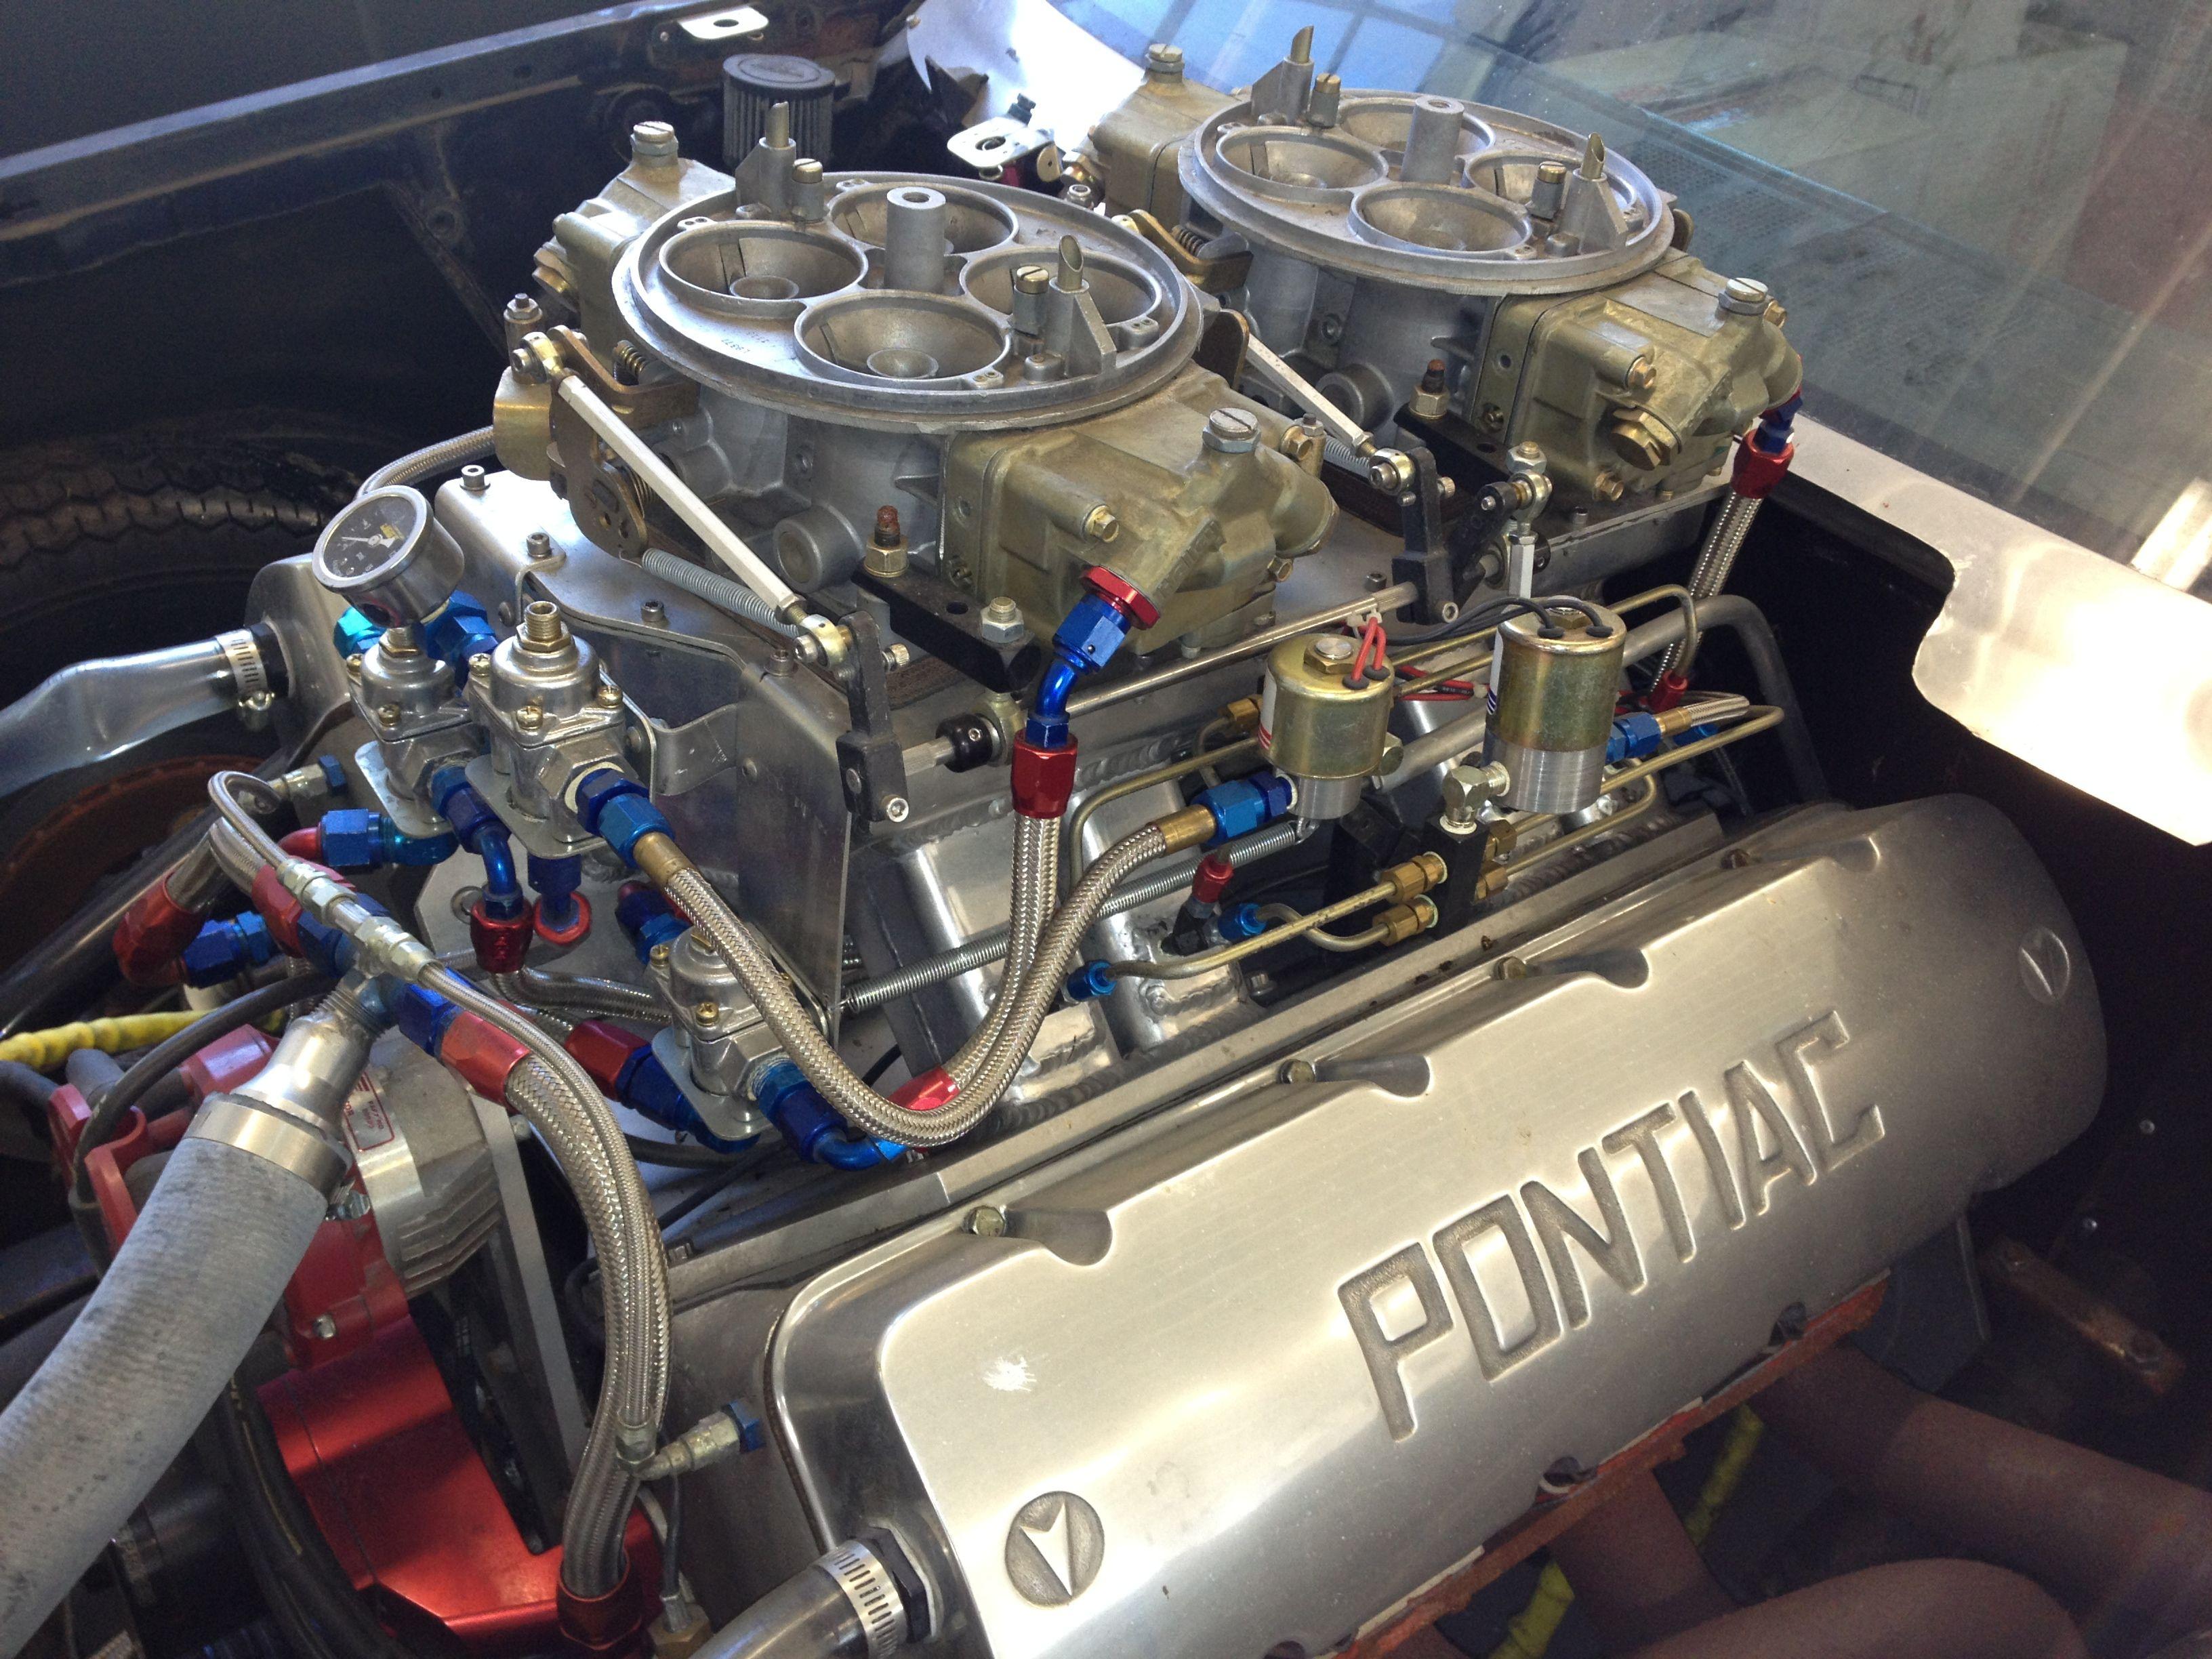 G-body Malibu big block Chevy engine with the Pontiac 427 pro stock